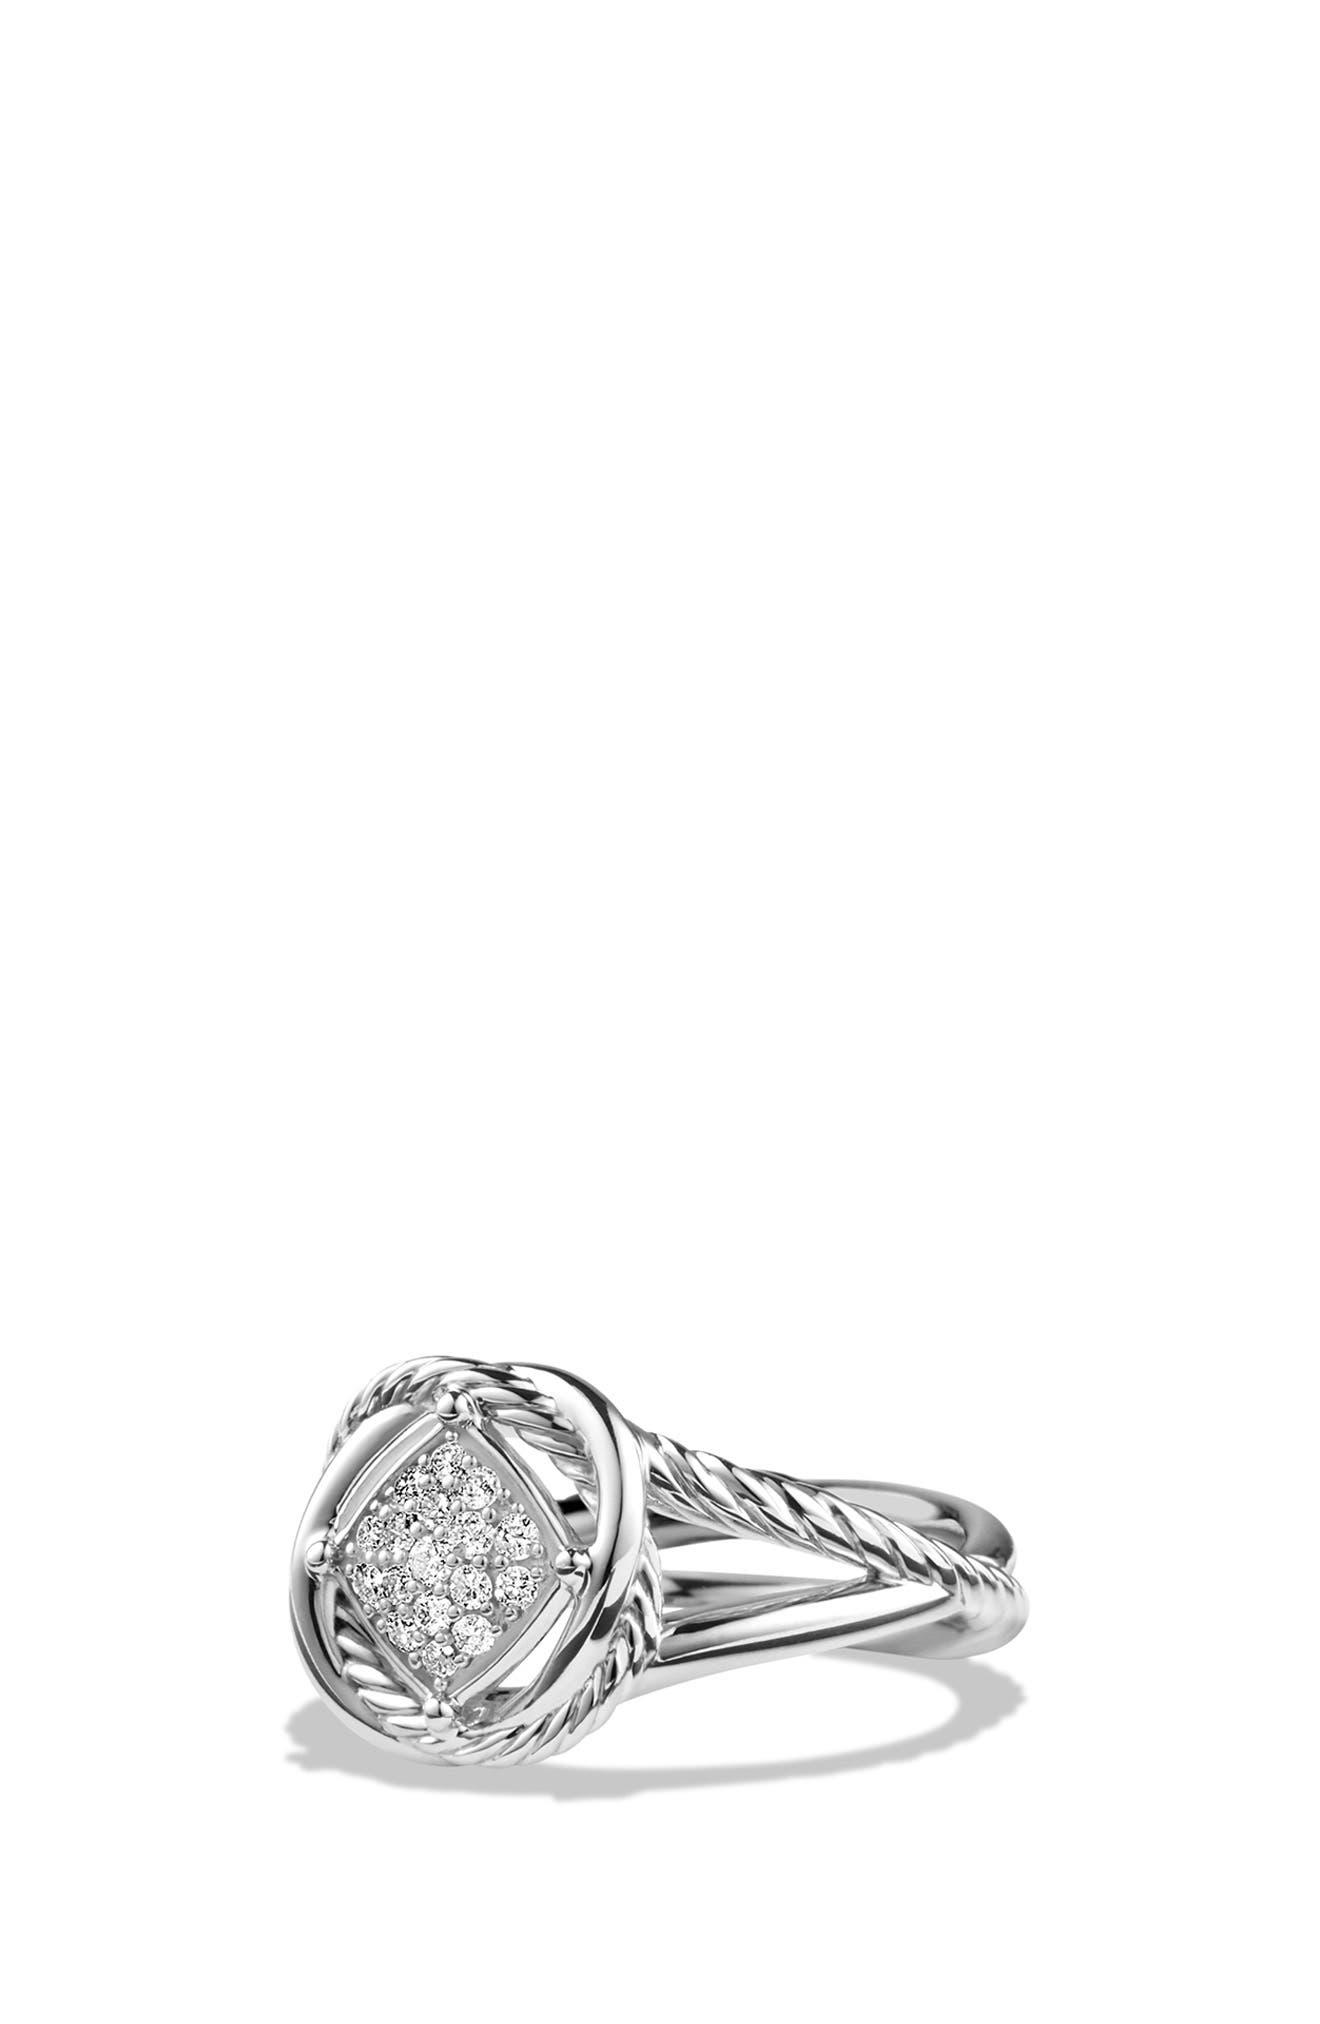 DAVID YURMAN 'Infinity' Ring with Diamonds, Main, color, DIAMOND